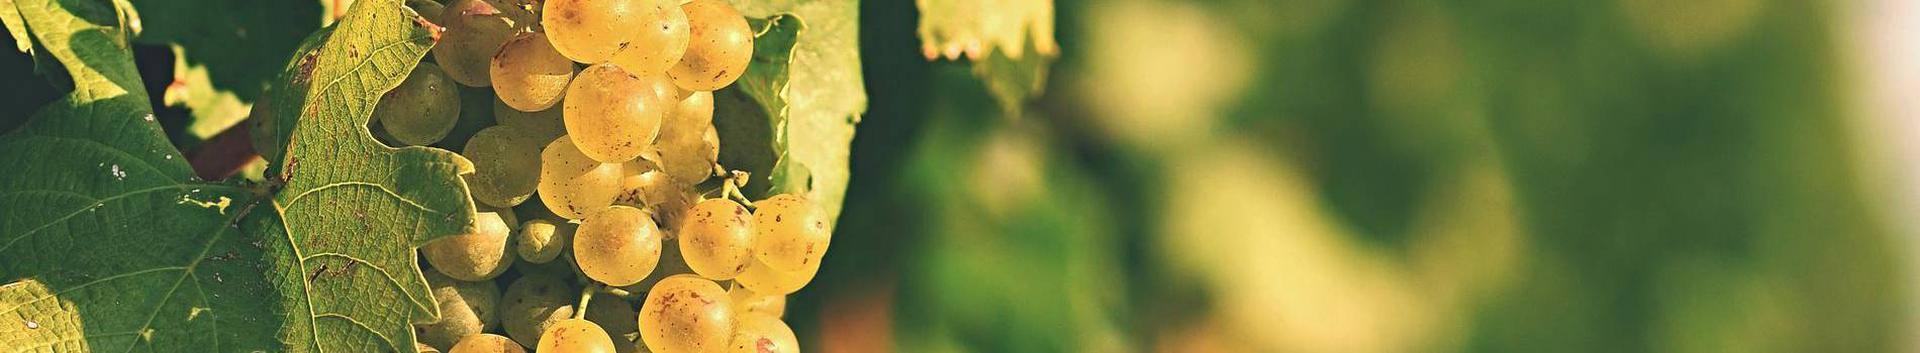 01241_puuviljakasvatus_77742696_xl.jpg